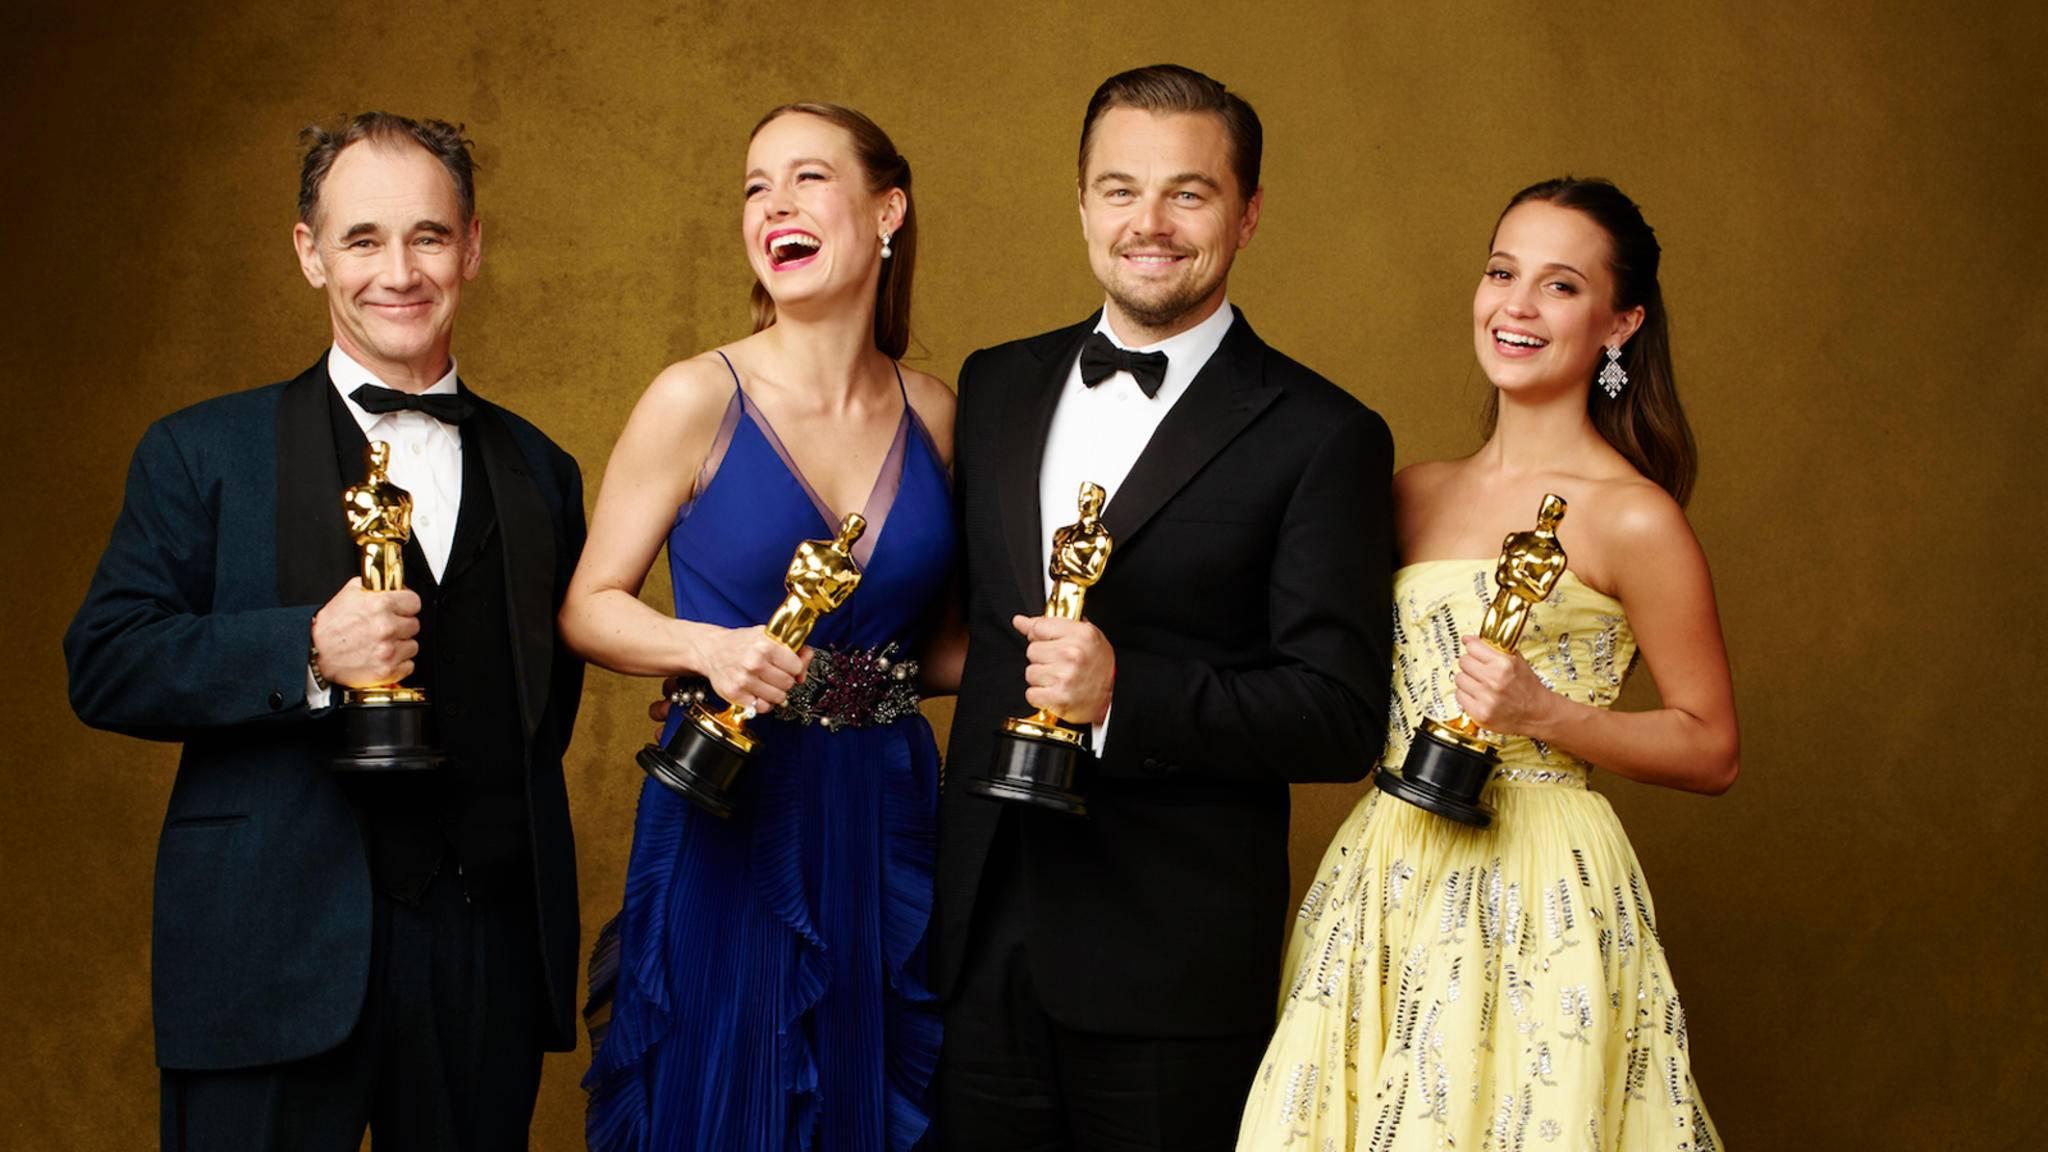 Die Gewinner des Vorjahres werden bei den Oscars 2017 die Trophäen an ihre Nachfolger überreichen.